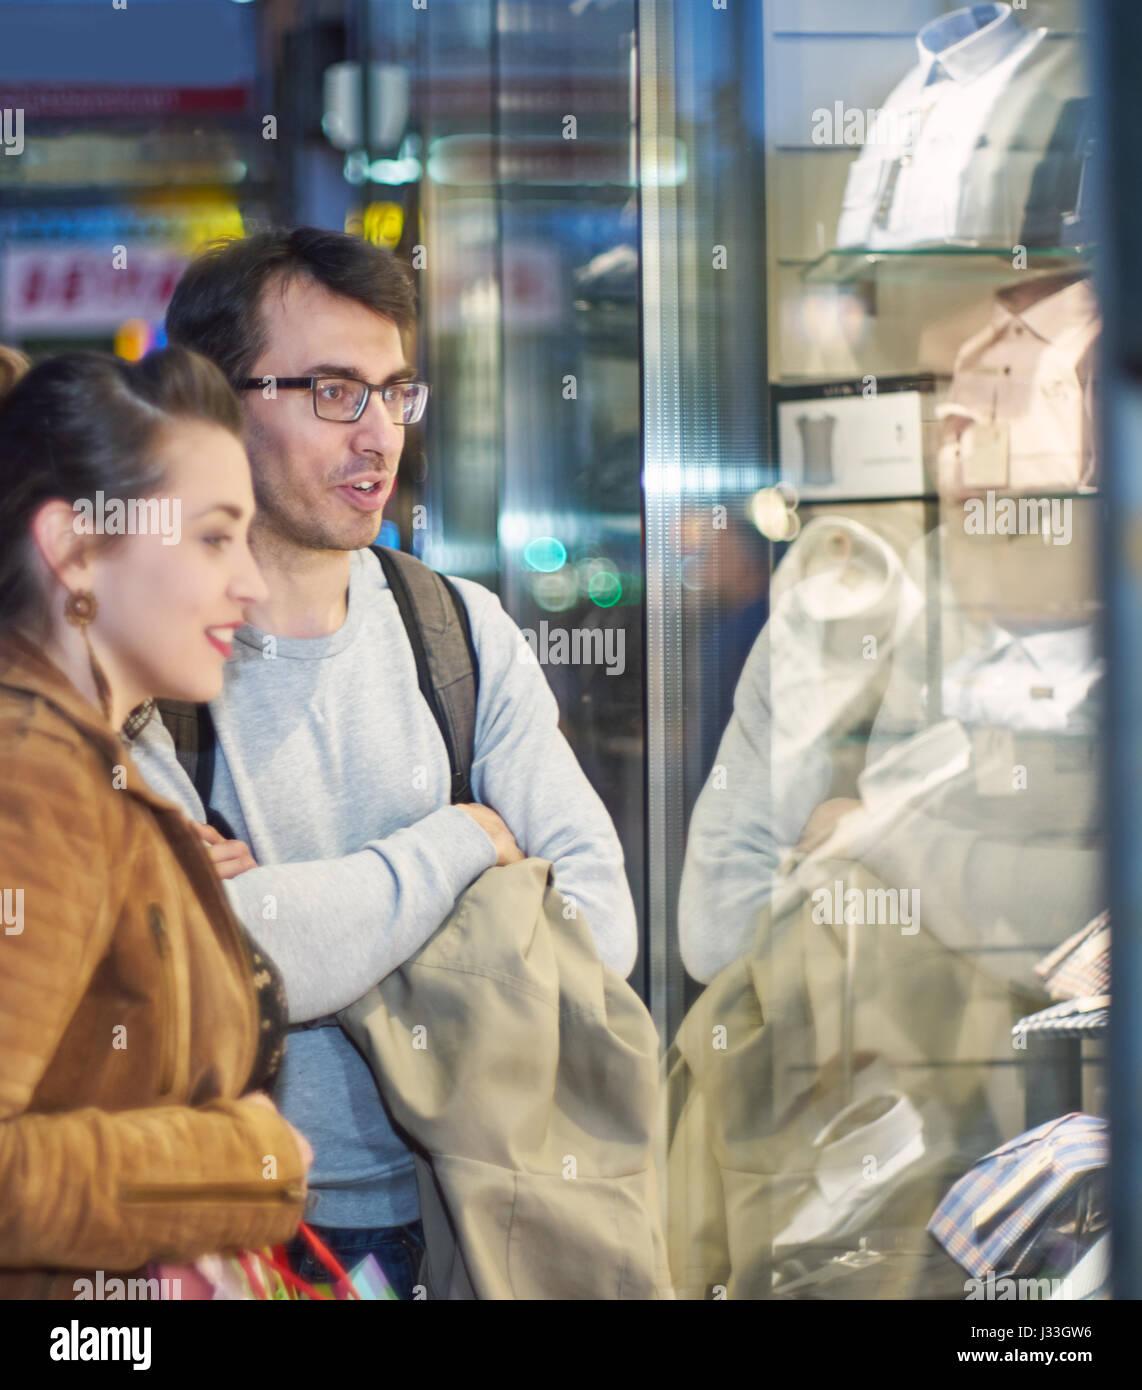 La femme et l'homme en face d'une boutique de vêtements Photo Stock